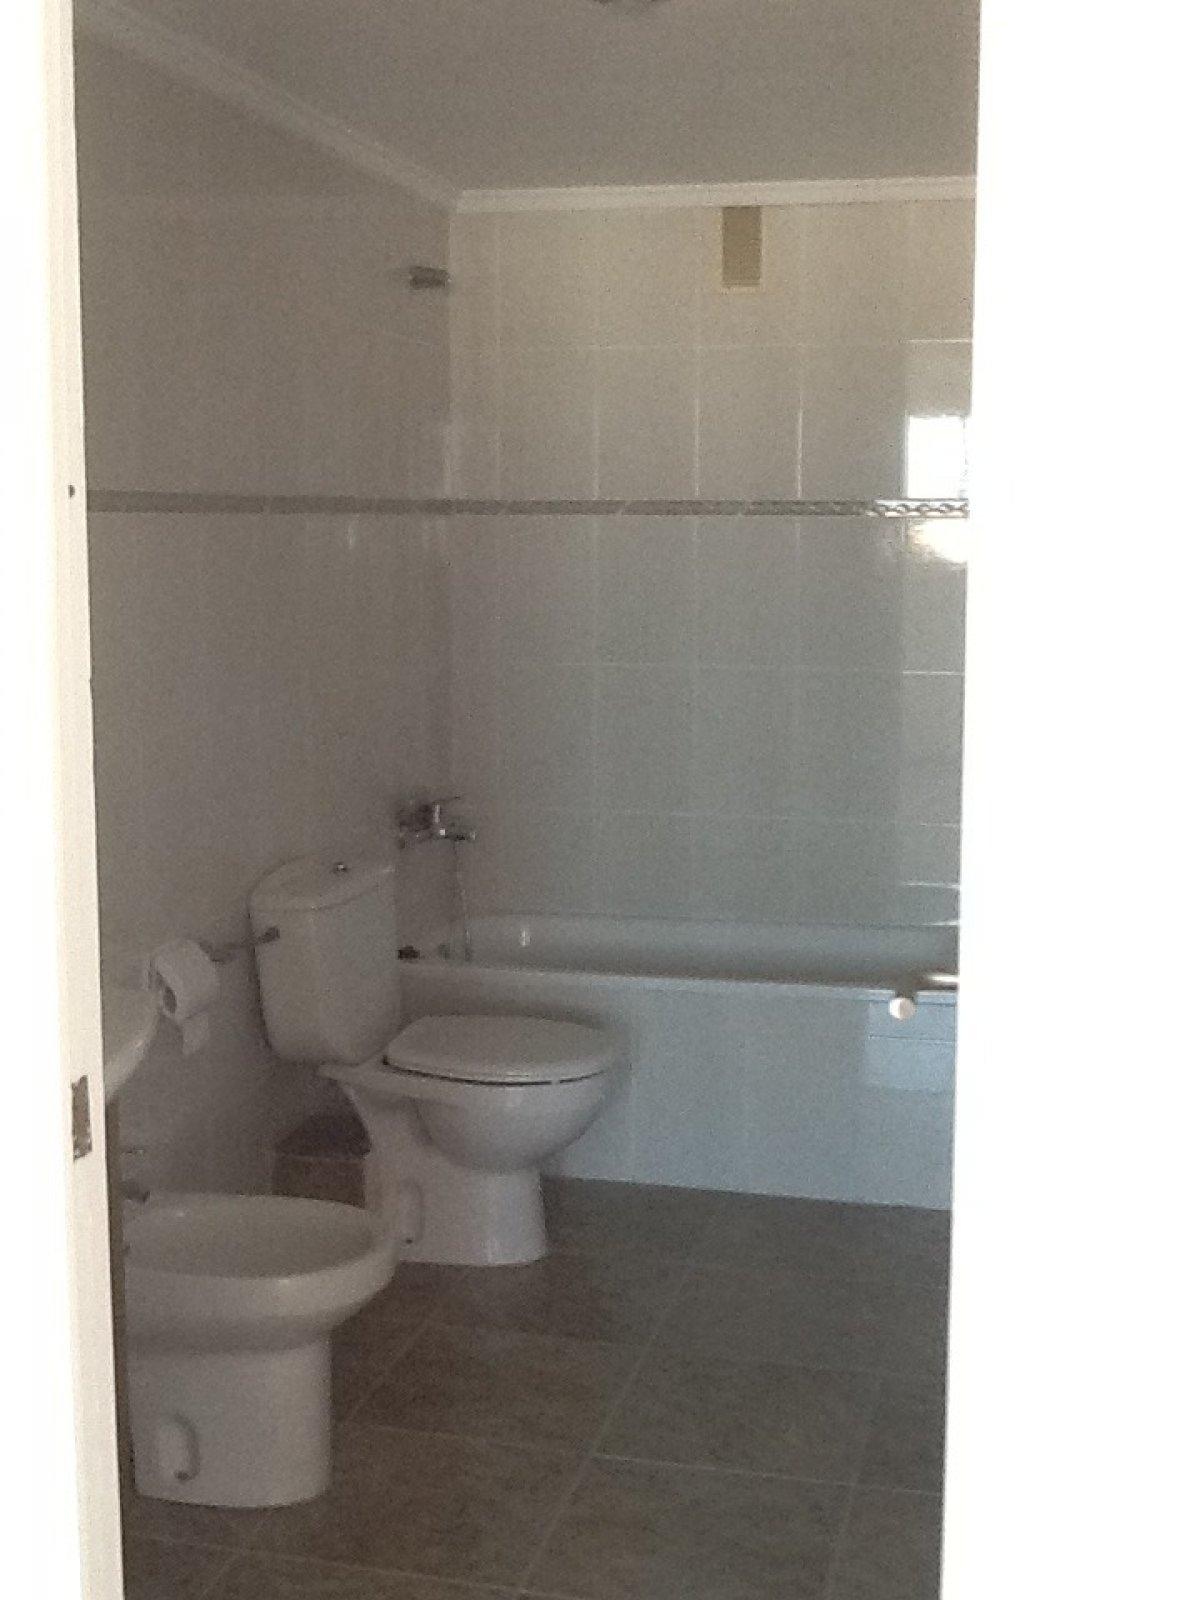 Alquiler de piso en valencia - imagenInmueble9